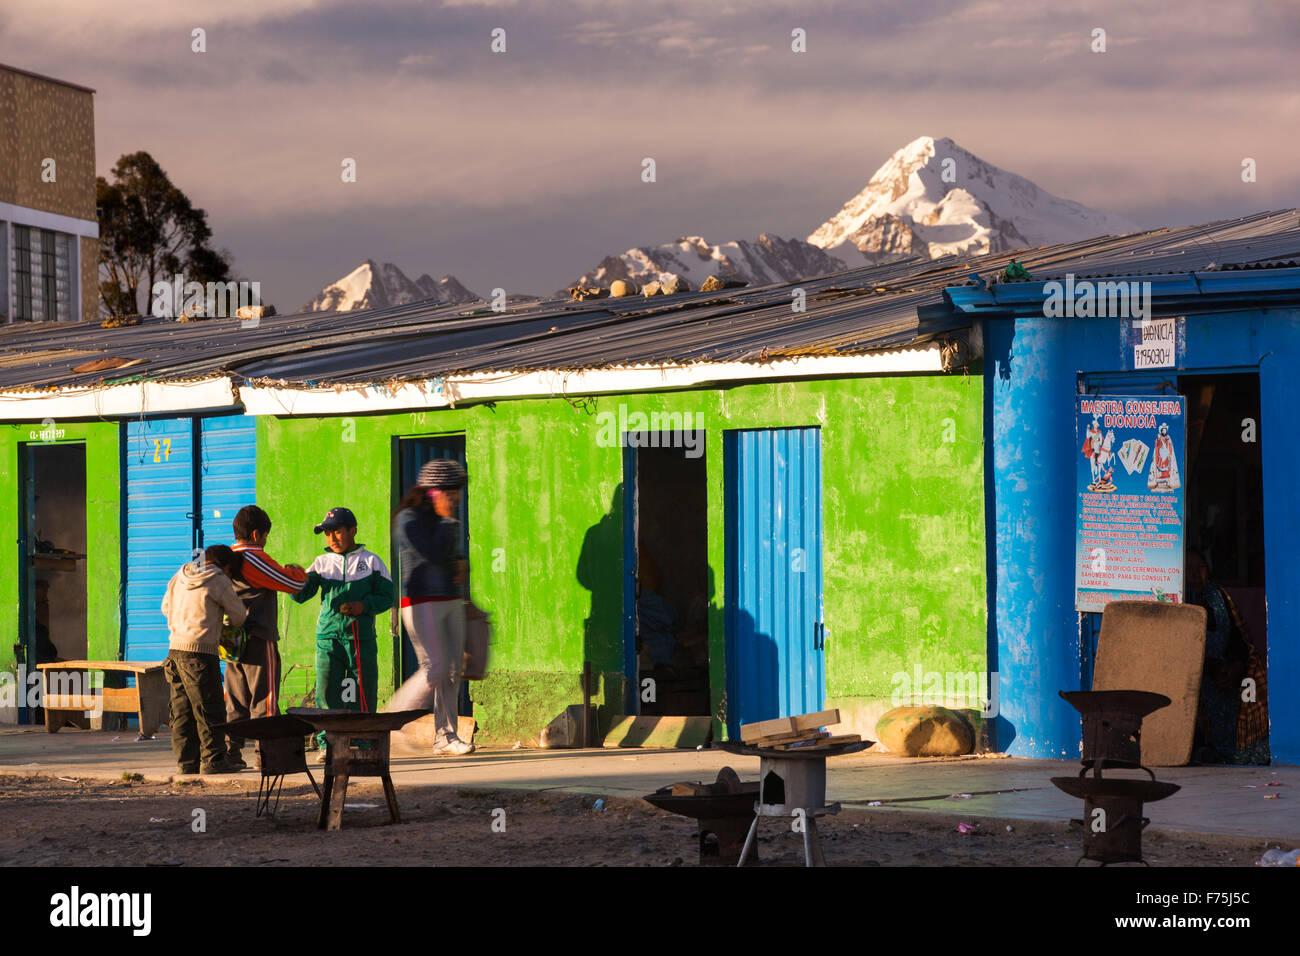 La cima del Huayna Potosí de El Alto, por encima de la Paz, Bolivia. La Paz y el Alto son una escasez crítica Imagen De Stock